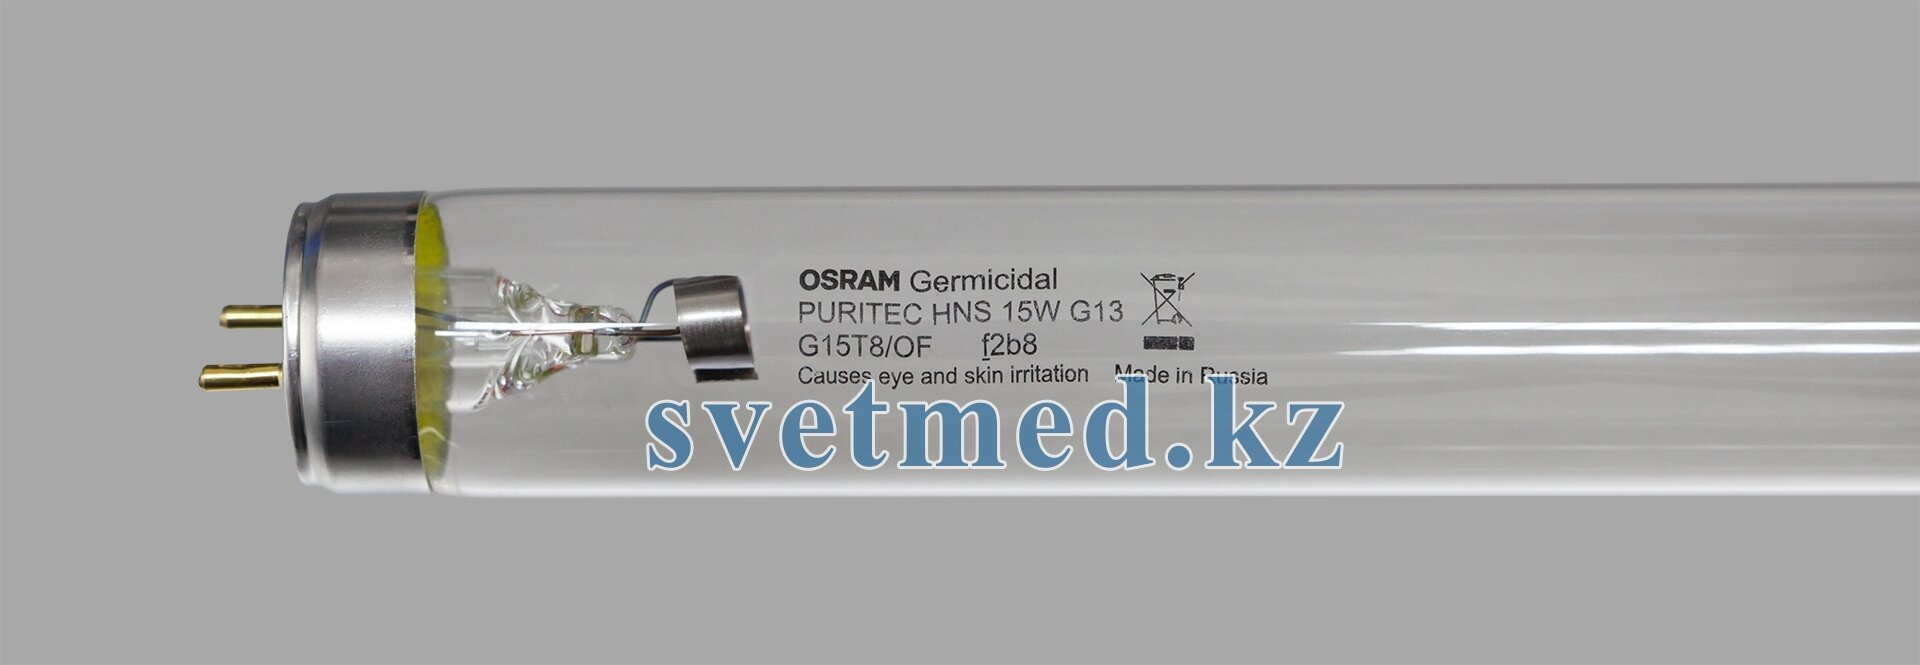 Лампа бактерицидная Osram Puritec HNS 15W G13 - фото Лампа бактерицидная Osram Puritec HNS 15W G13 .jpg